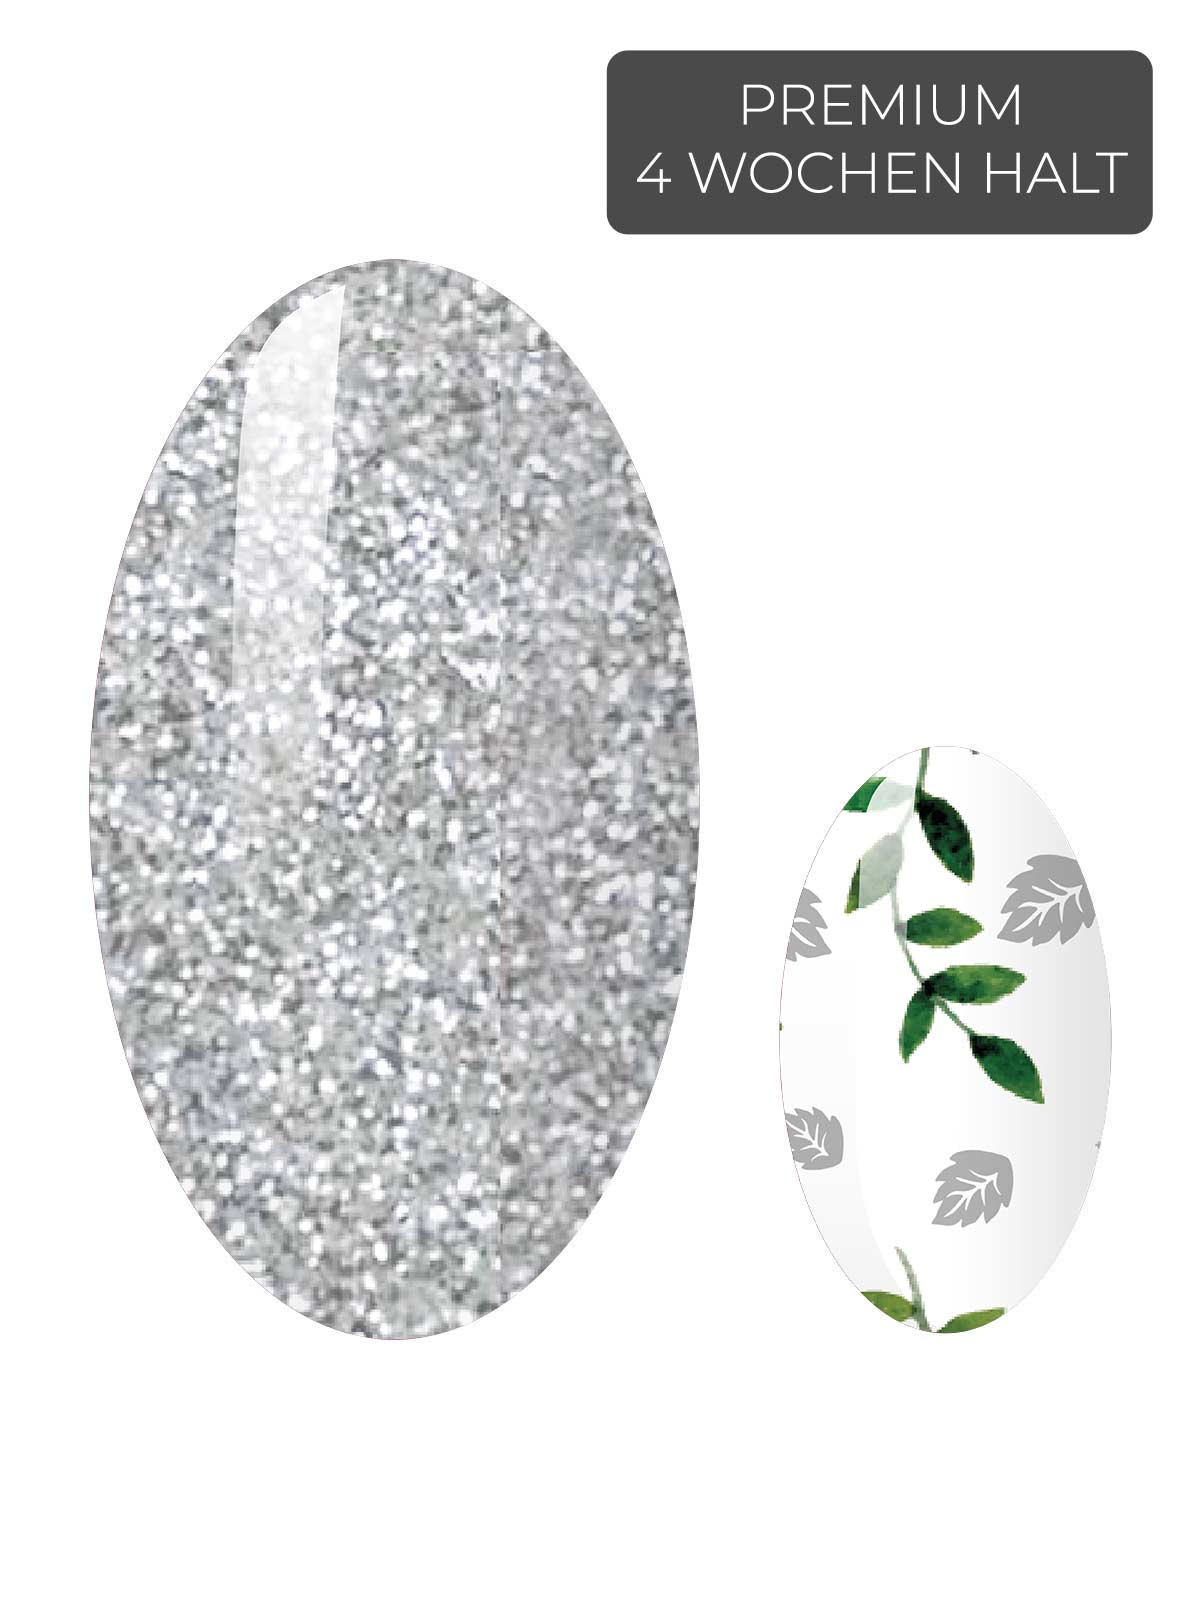 chrystal-eden-nailart-uv-gelfolien